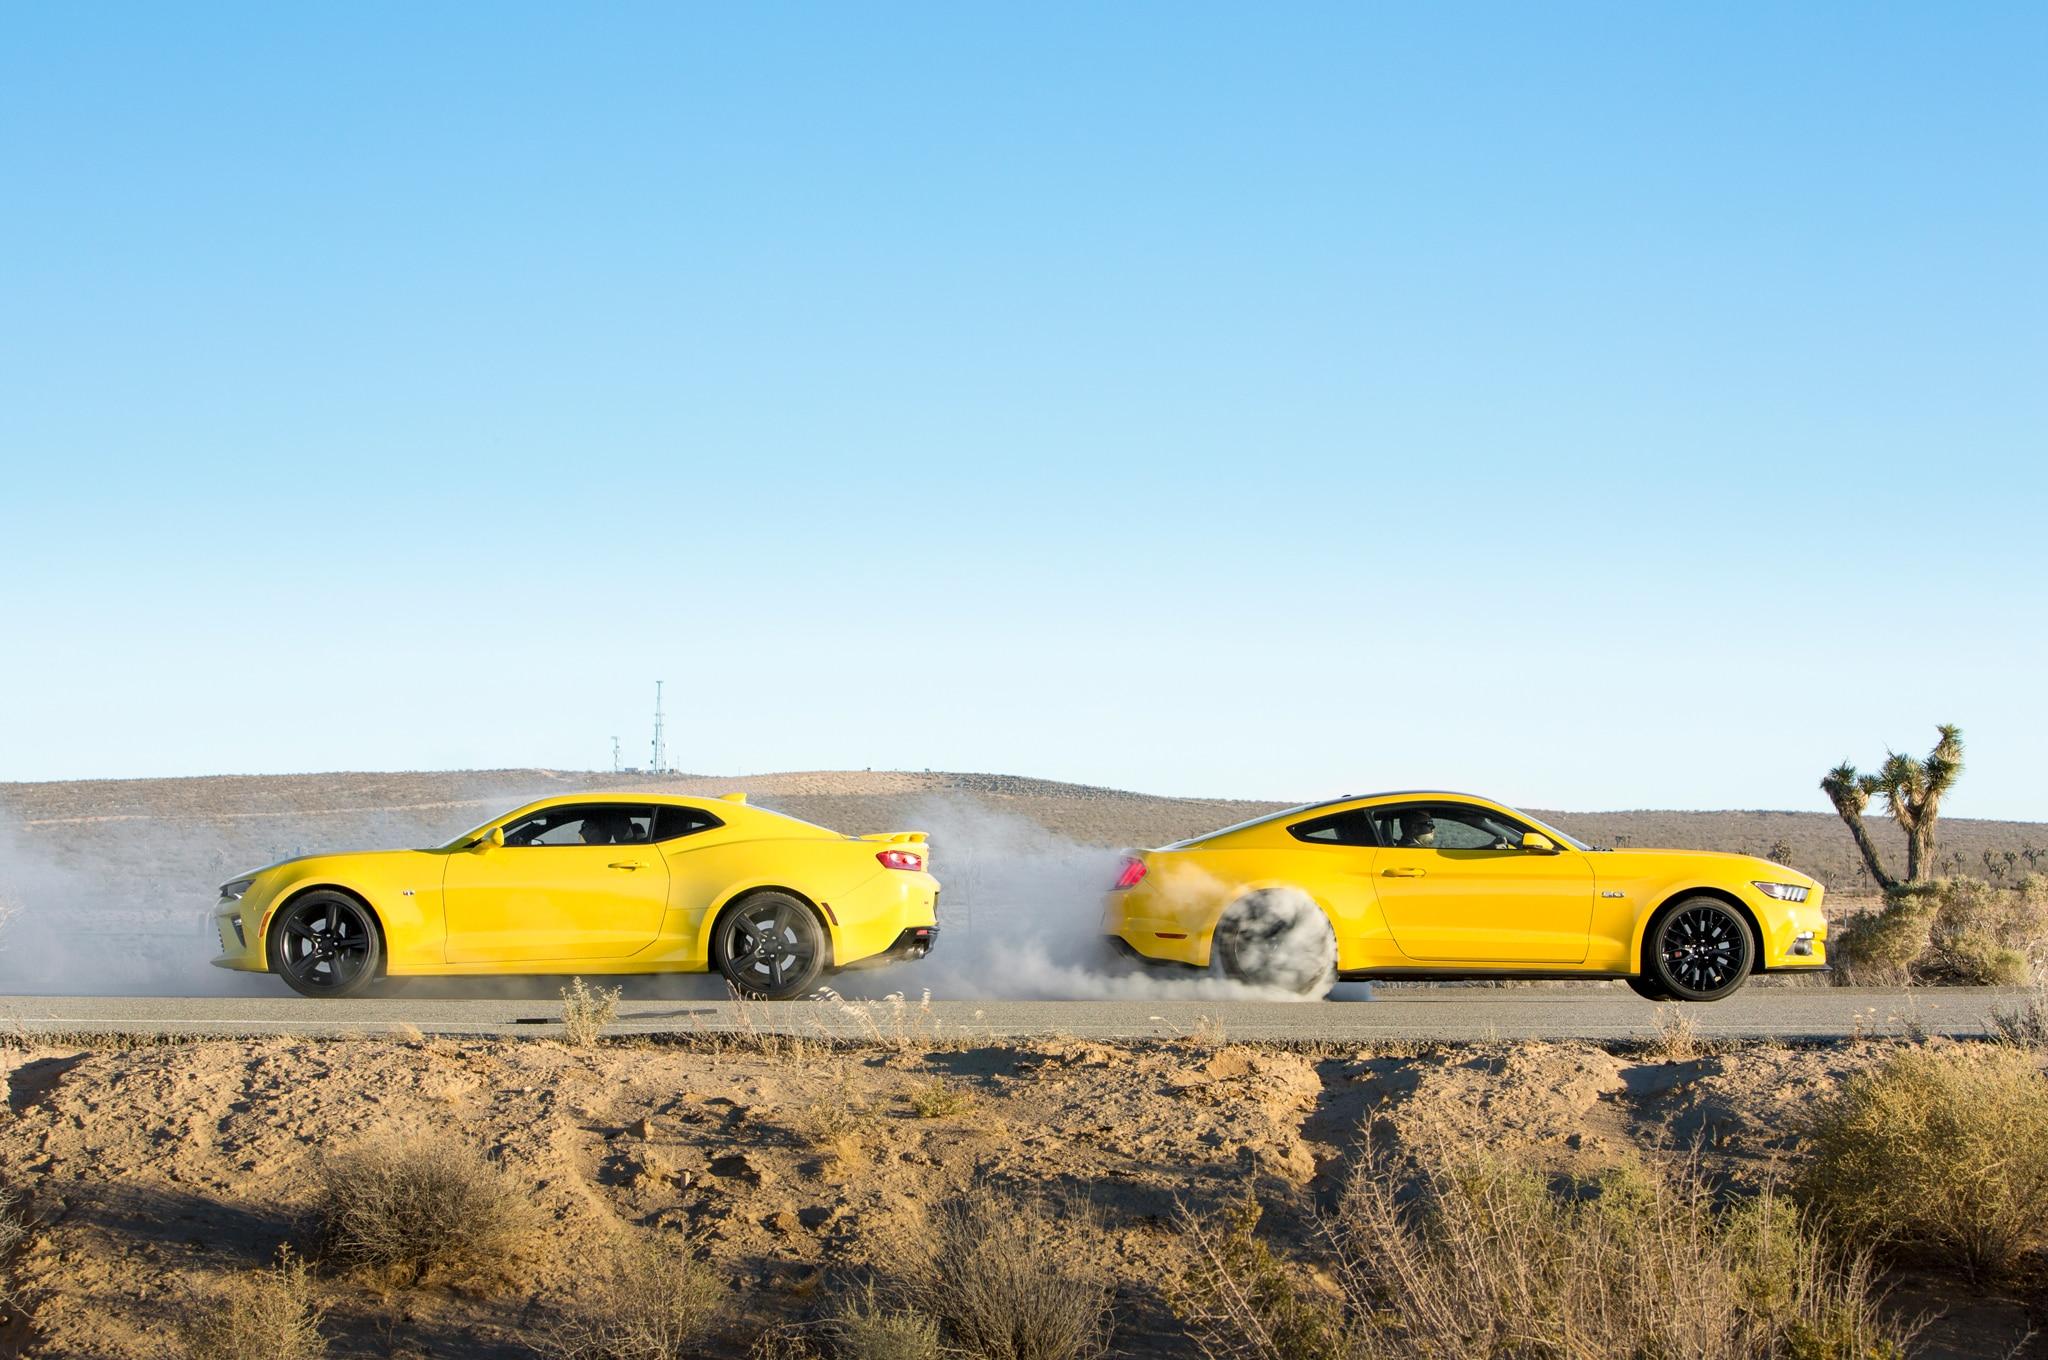 Mustang Vs Camaro Una Rivalidad Absoluta